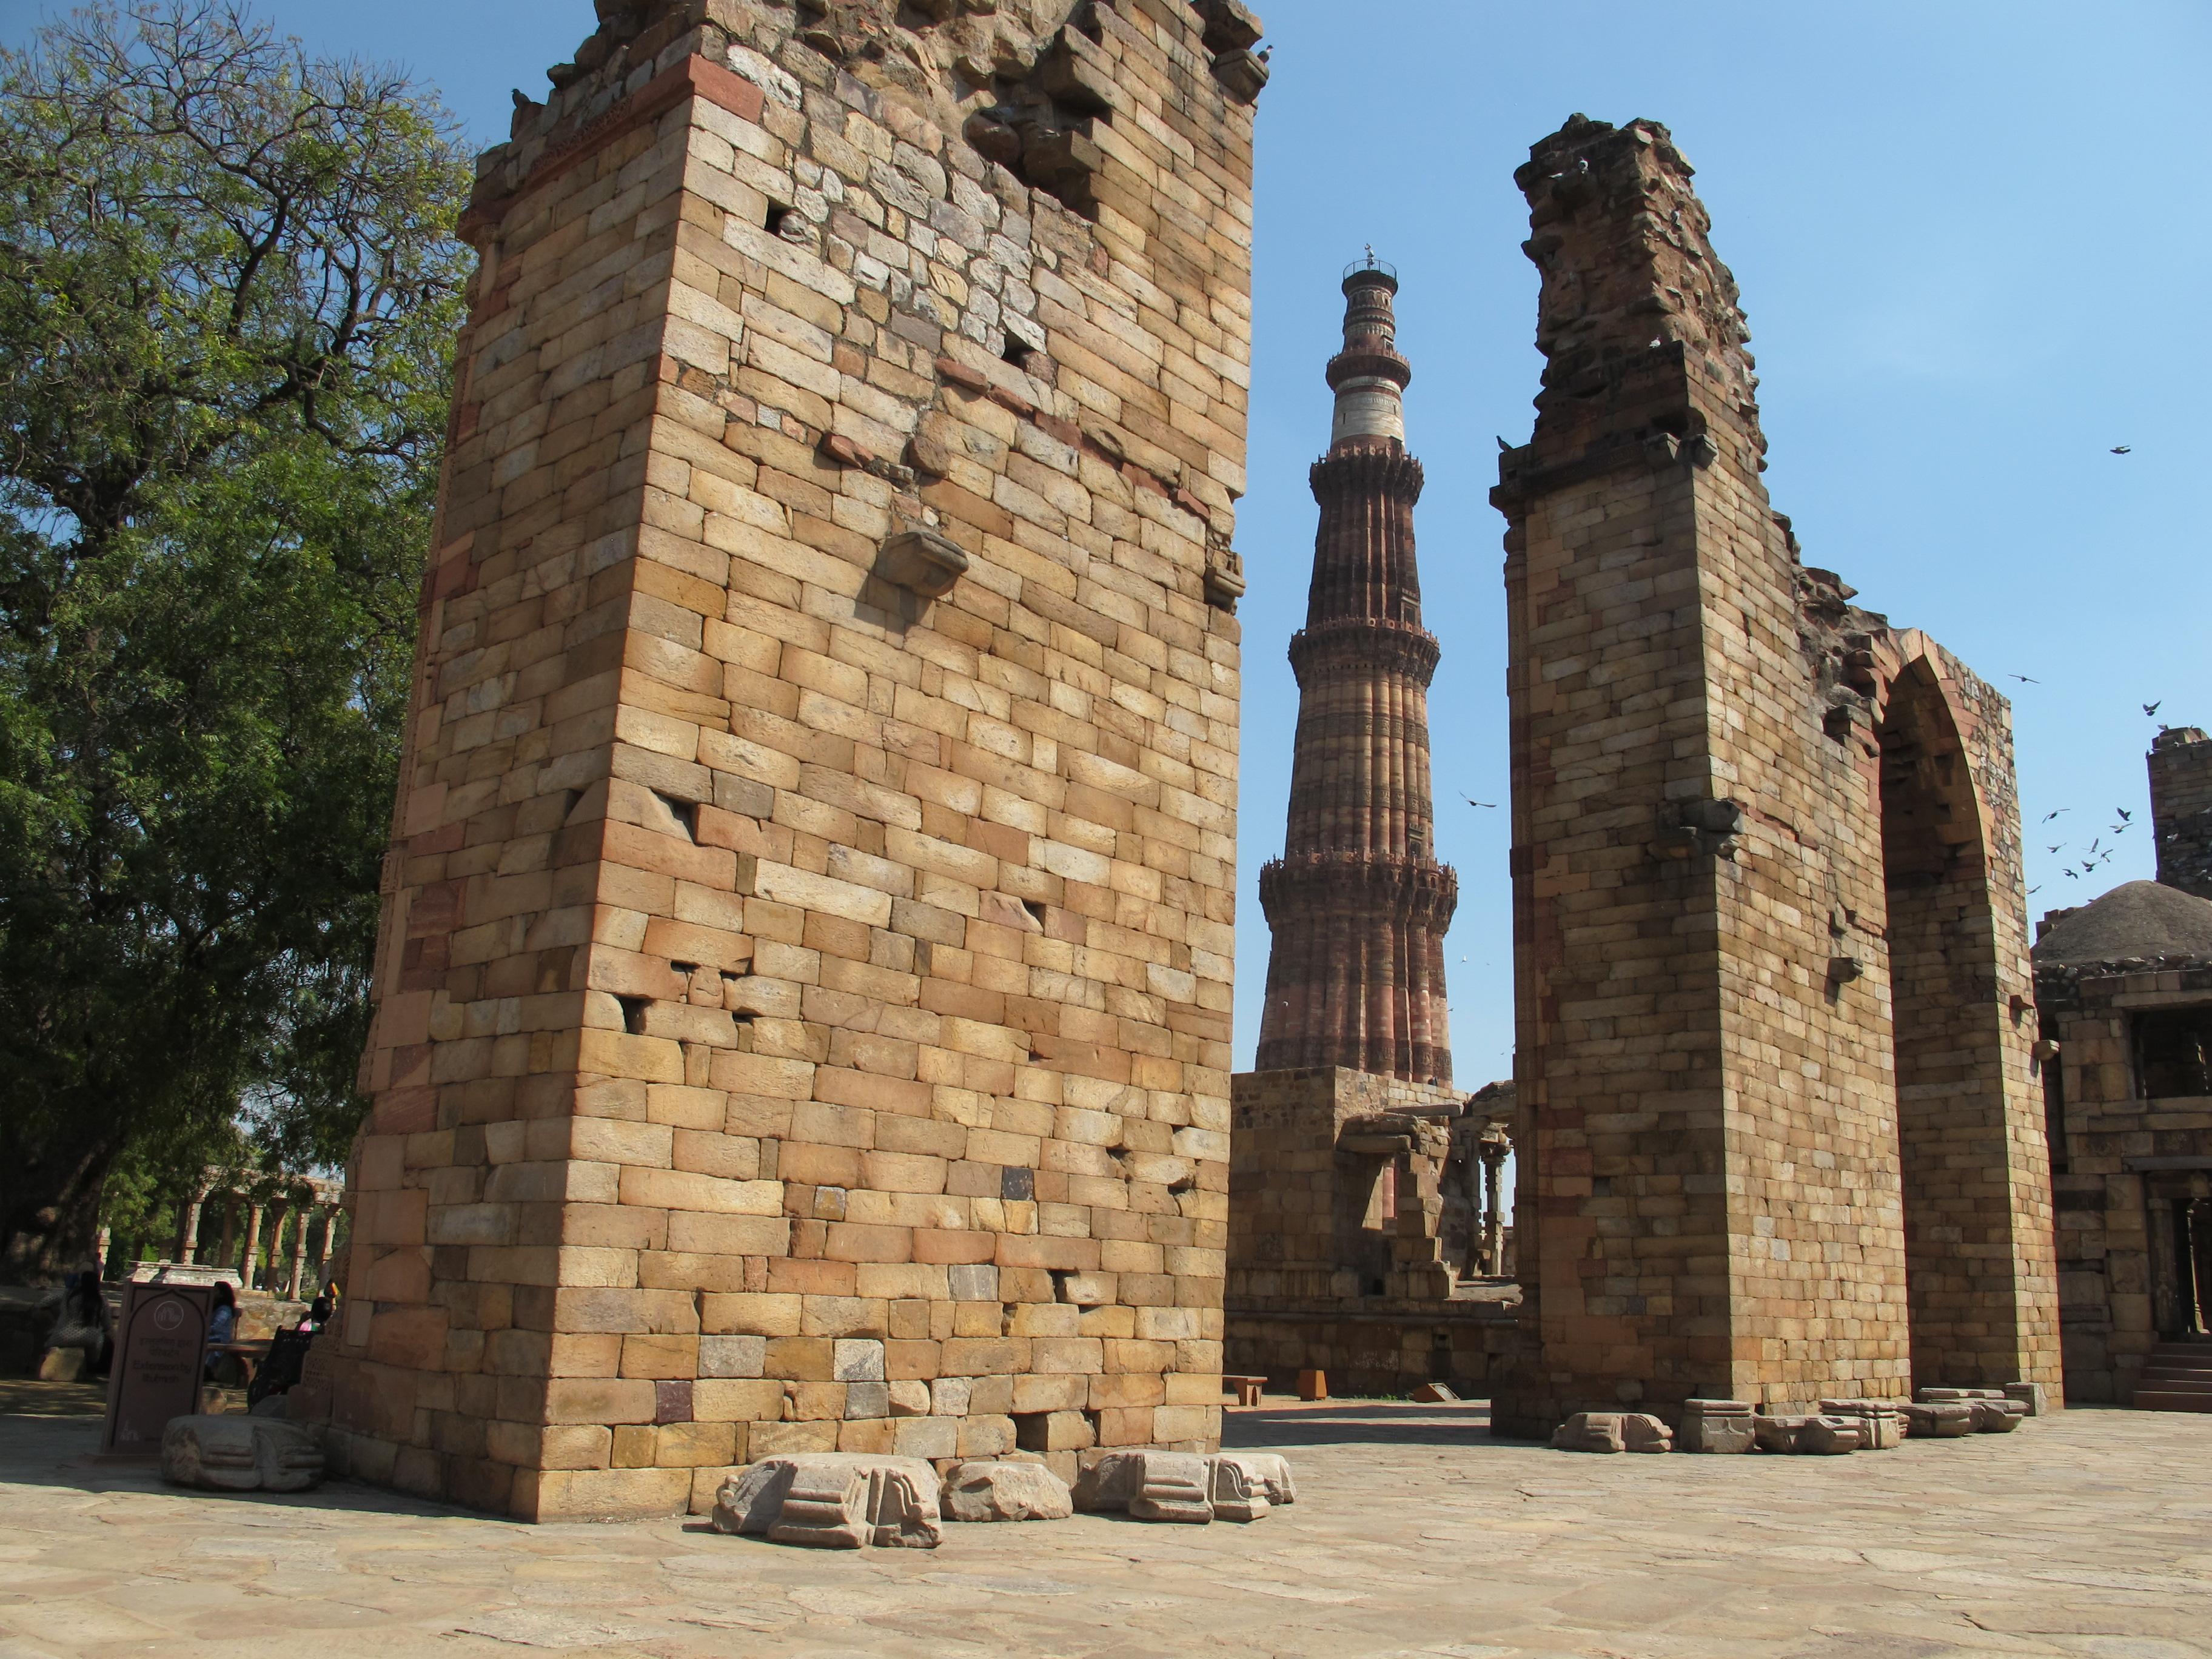 Мечеть Куватт-Уль-Ислам (Quwwat-ul-Islam Mosque)